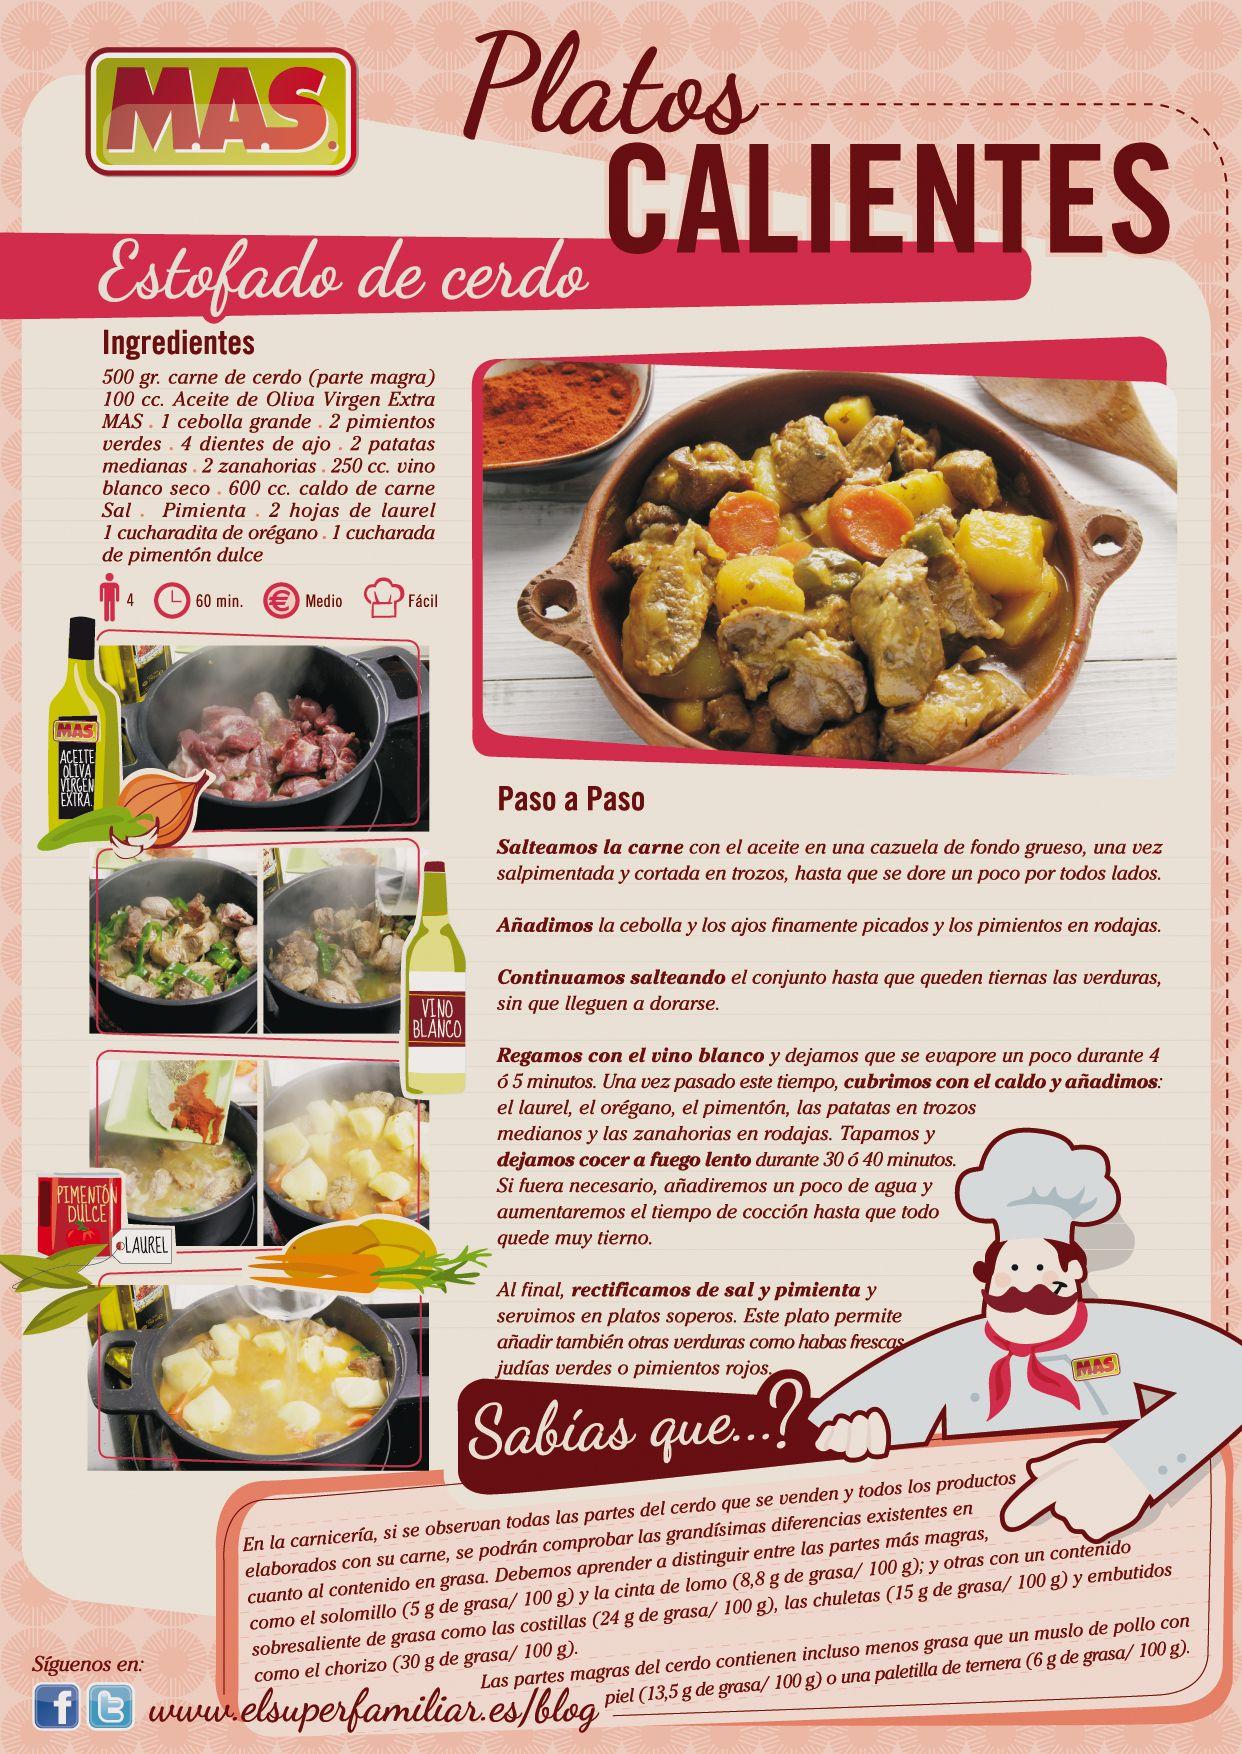 9622a5043f894e1e27c1ae39e1dfd349 - Cocina Y Recetas